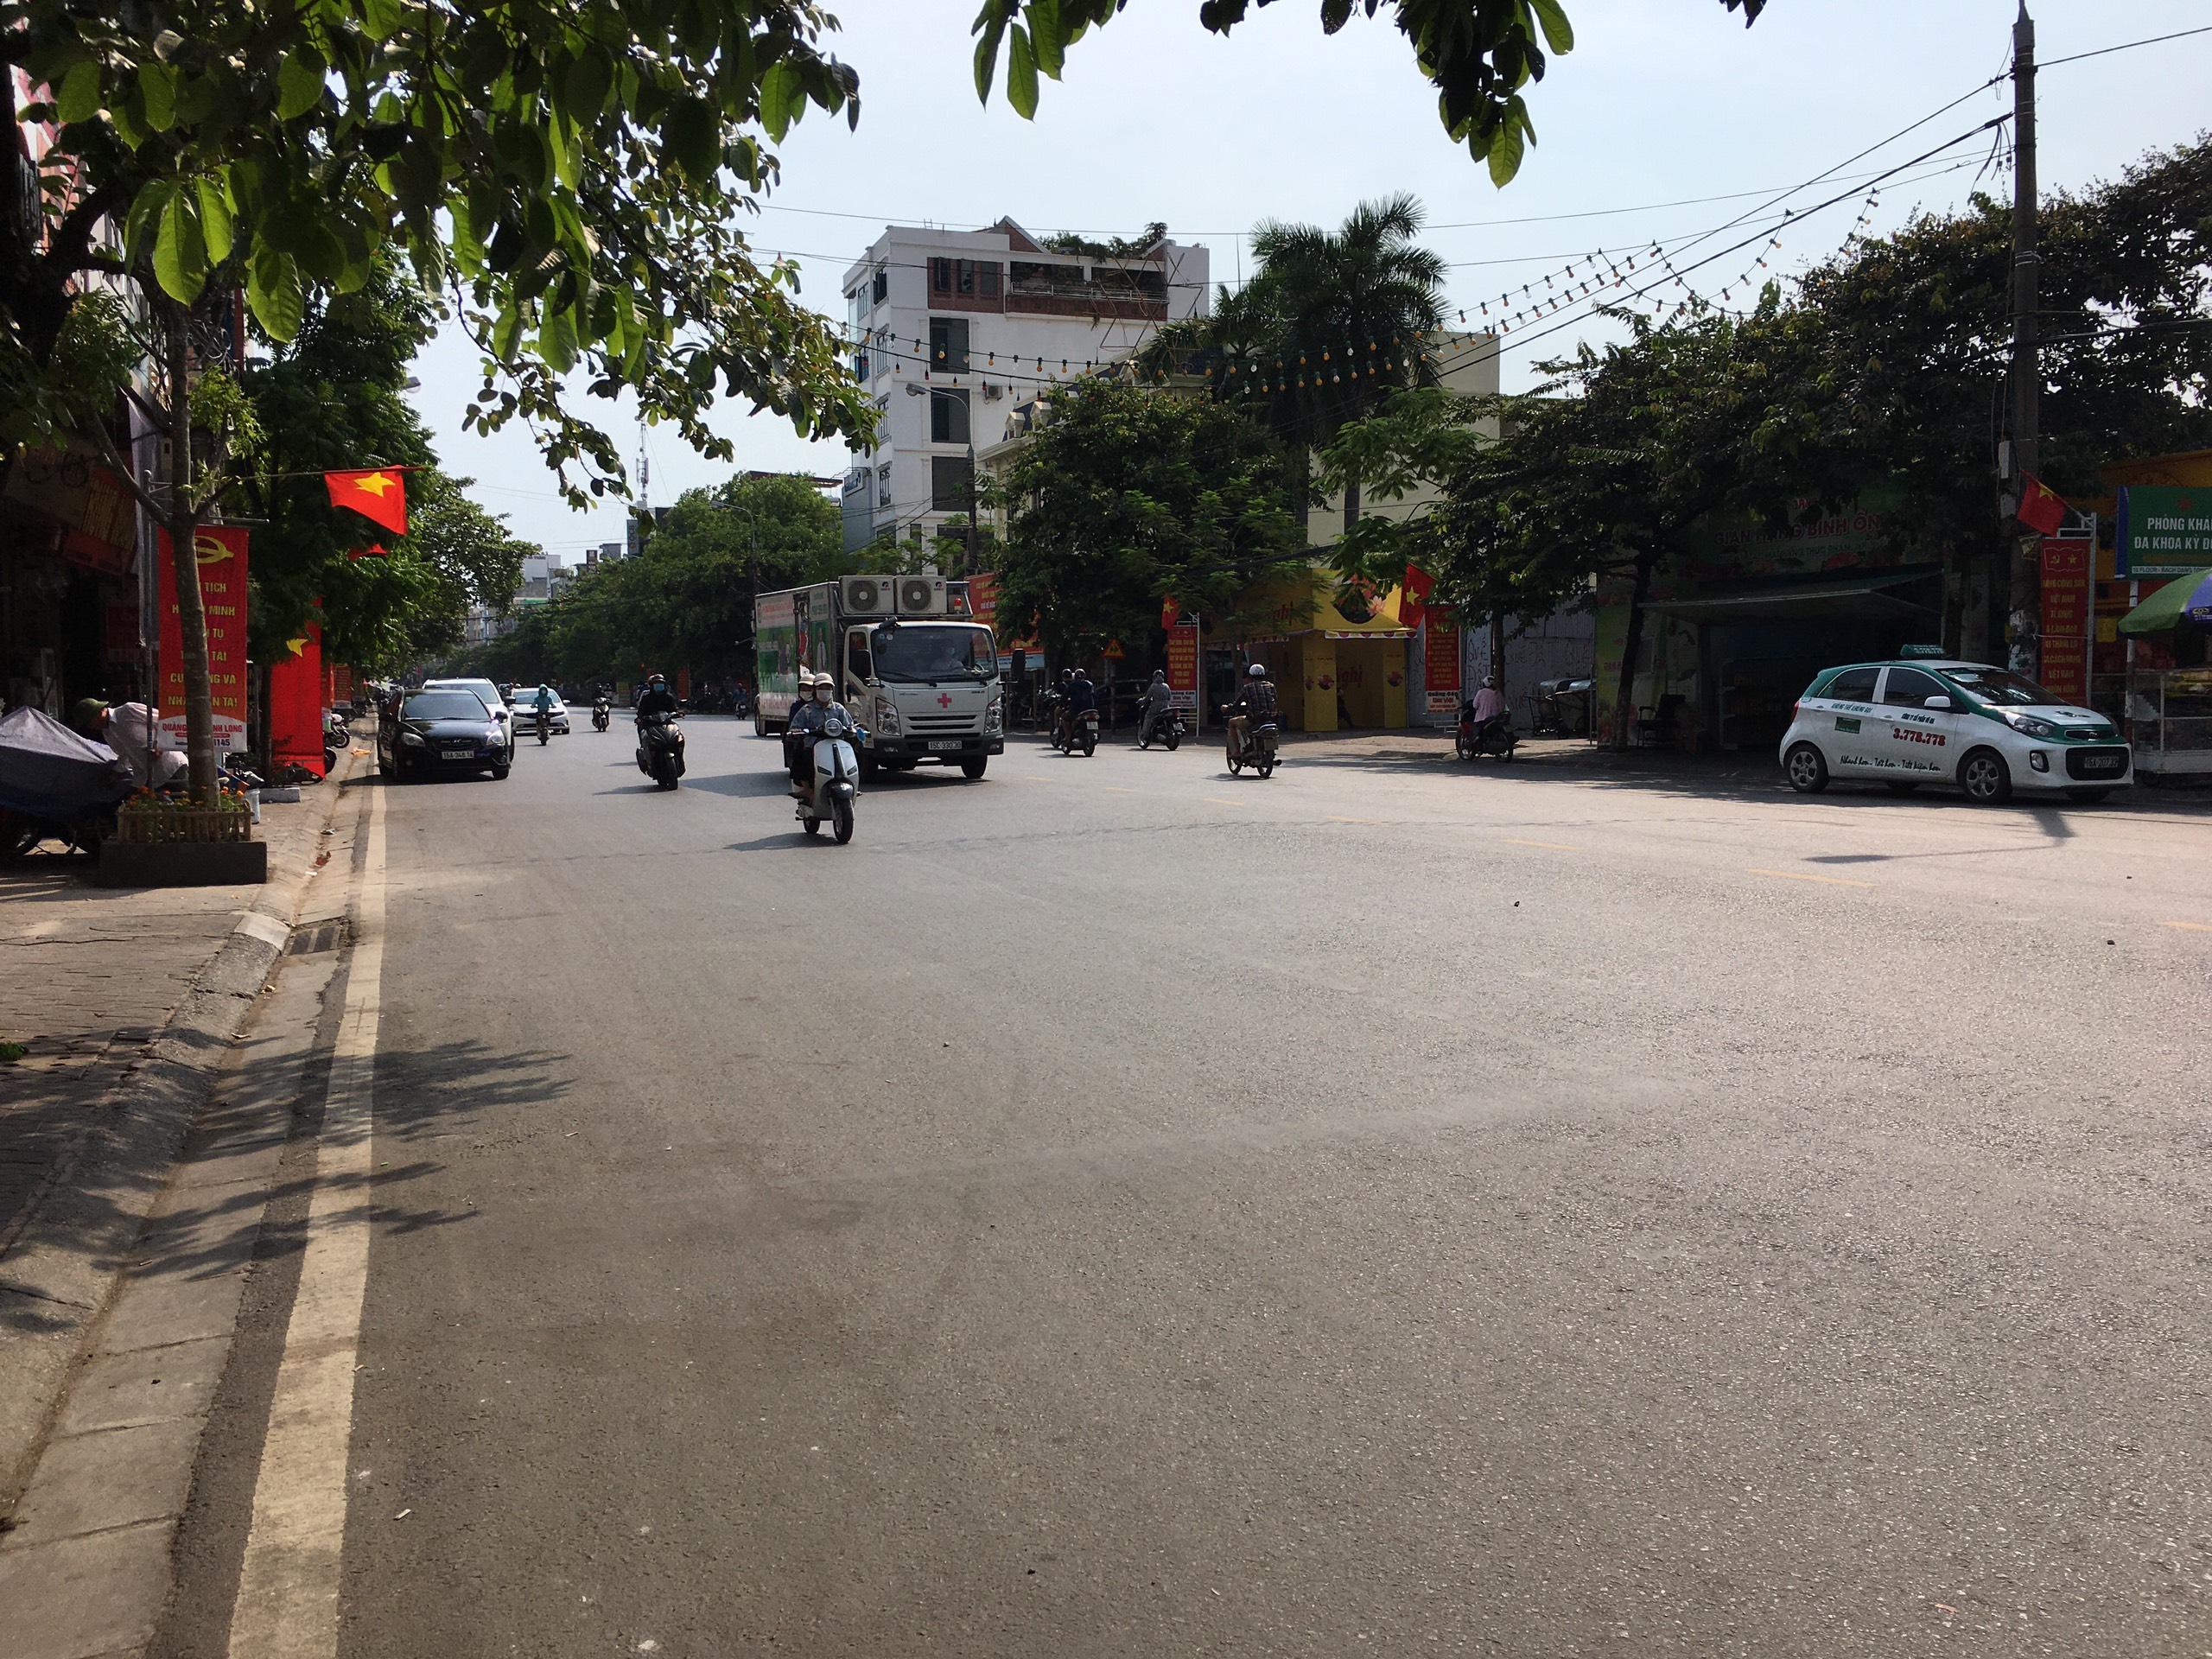 Bán nhà cấp 4 hai mặt ngõ 6m Trần Nguyên Hãn, Lê Chân, Hải Phòng